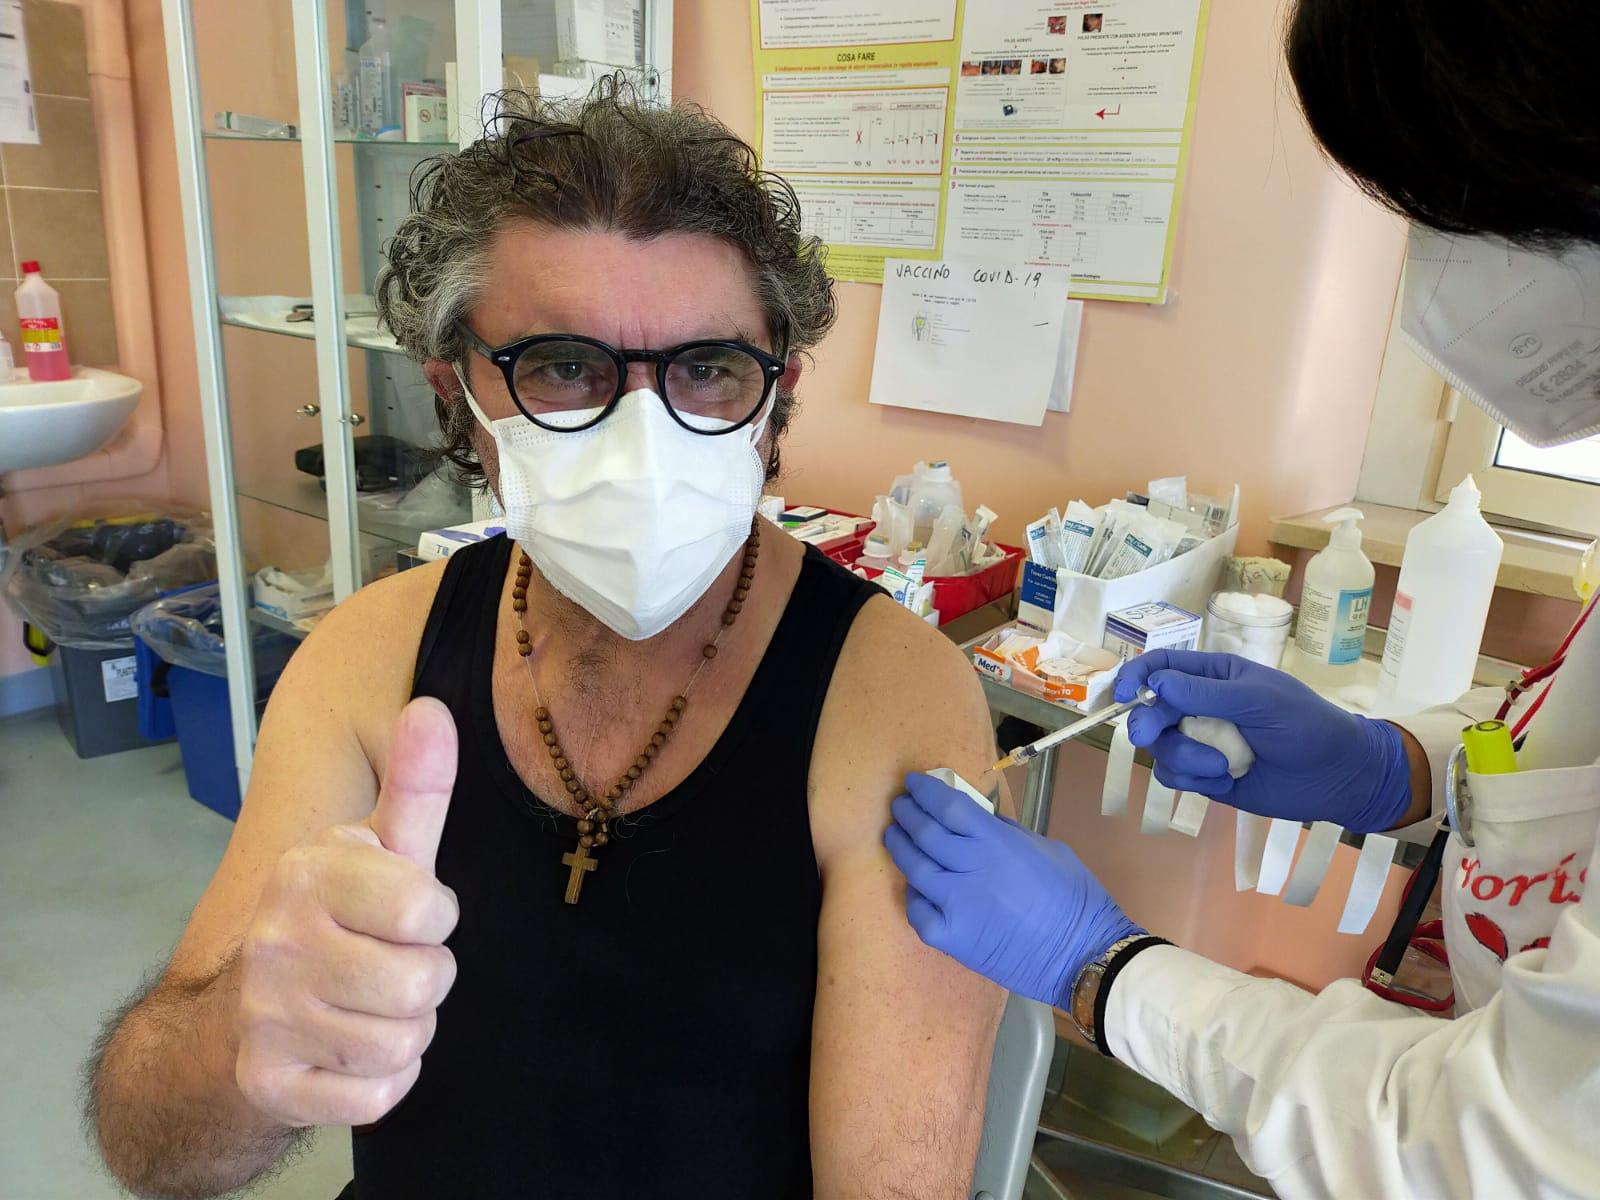 """Centro vaccino di Pescina, Giammarco De Vincentis: """"Qualcosa comincia a funzionare"""""""